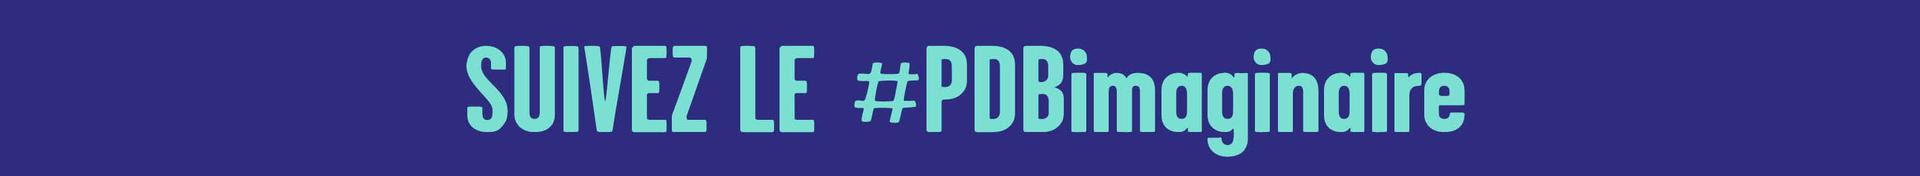 Suivez le #PDBimaginaire